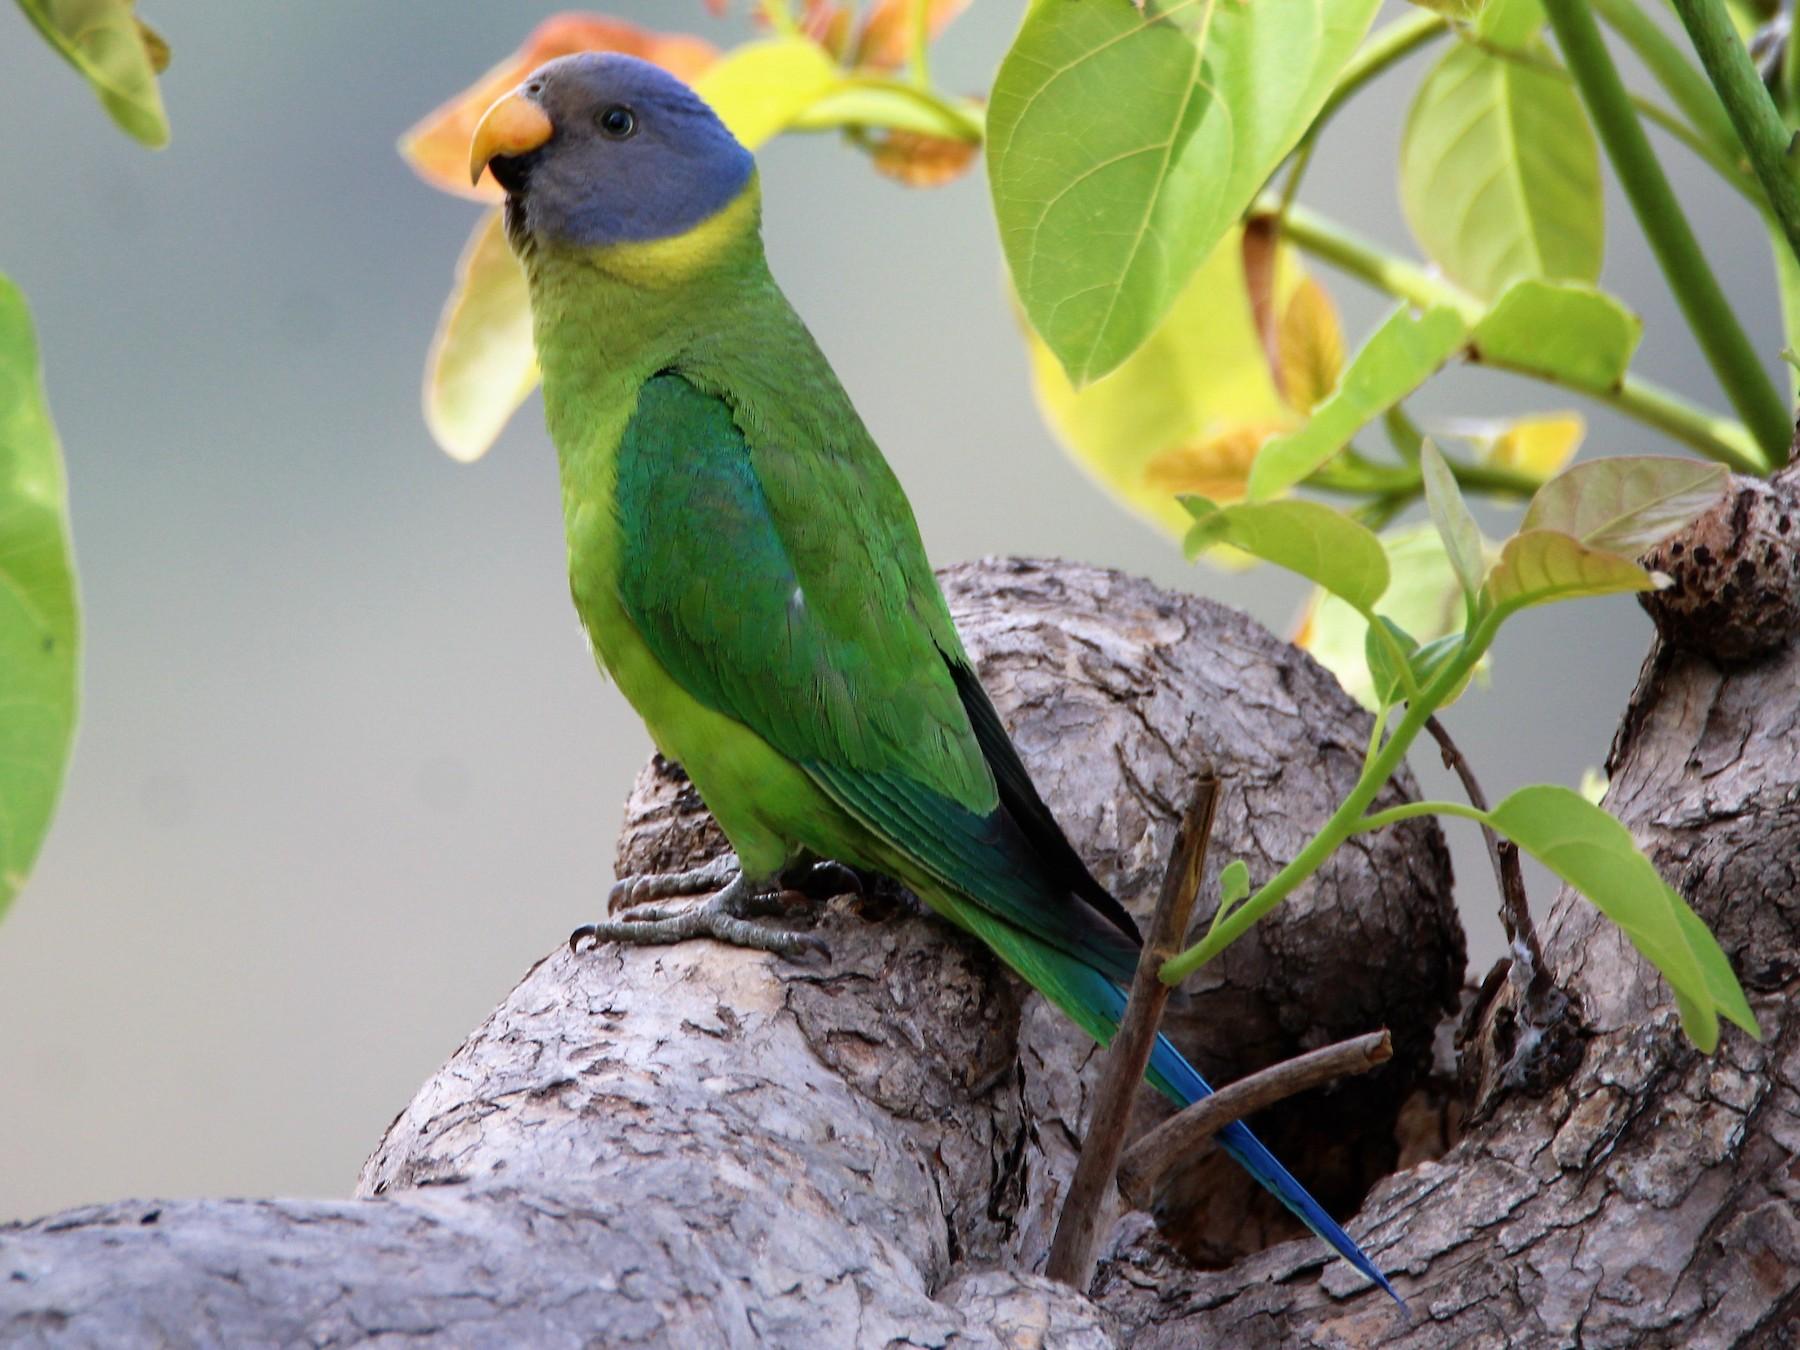 Plum-headed Parakeet - Sudhir Reddy